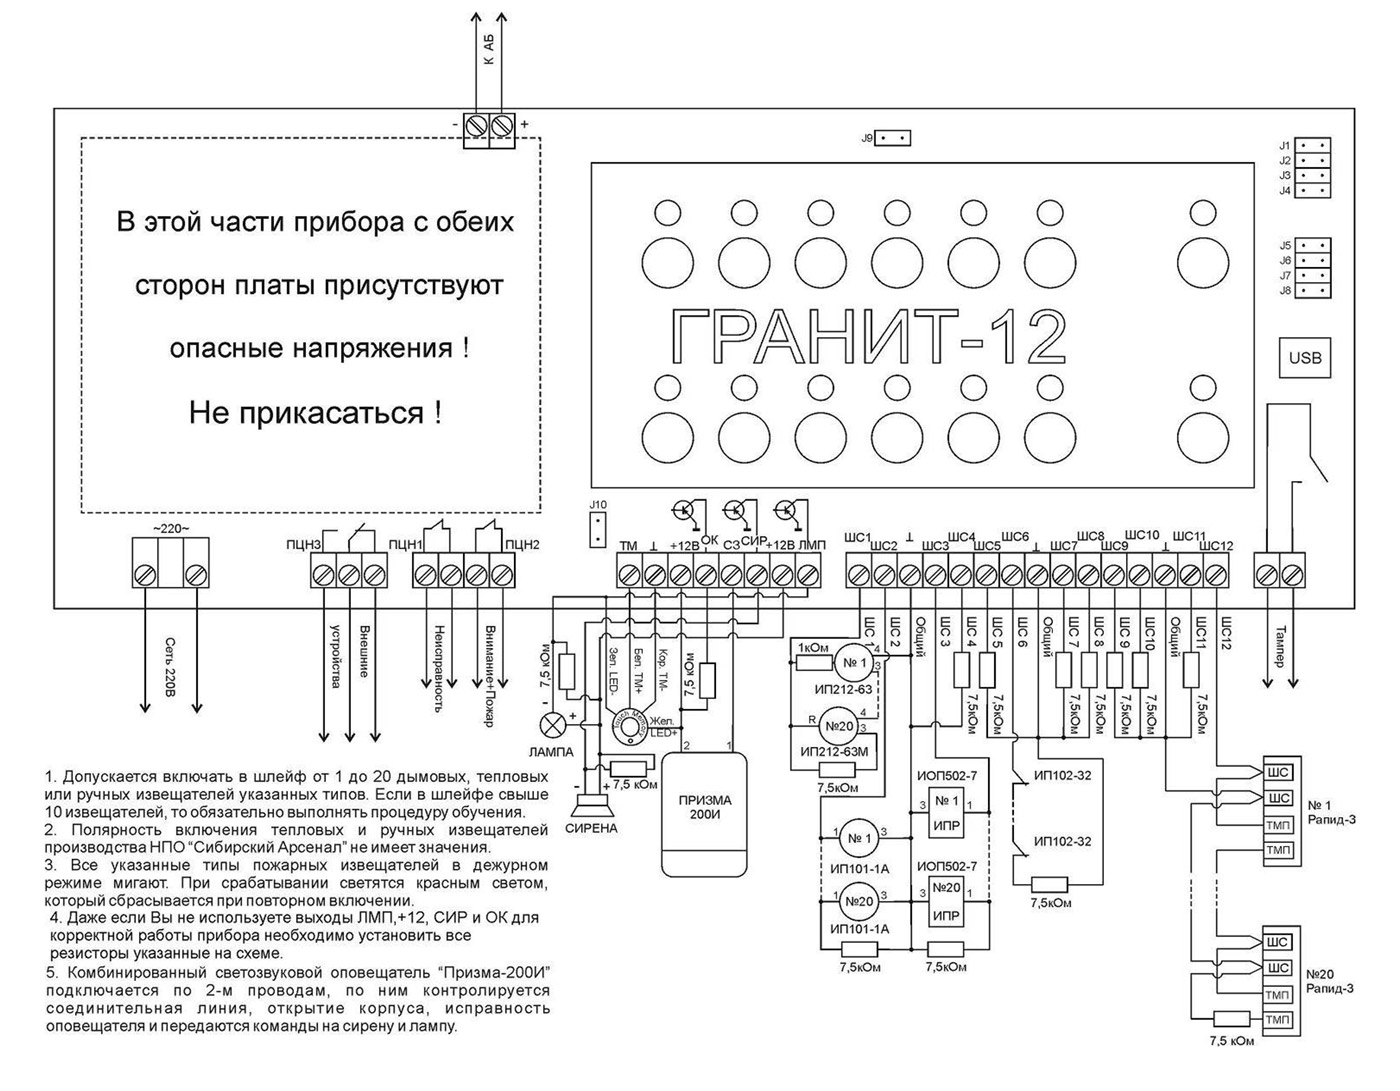 Гранит охранная система по инструкция эксплуатации